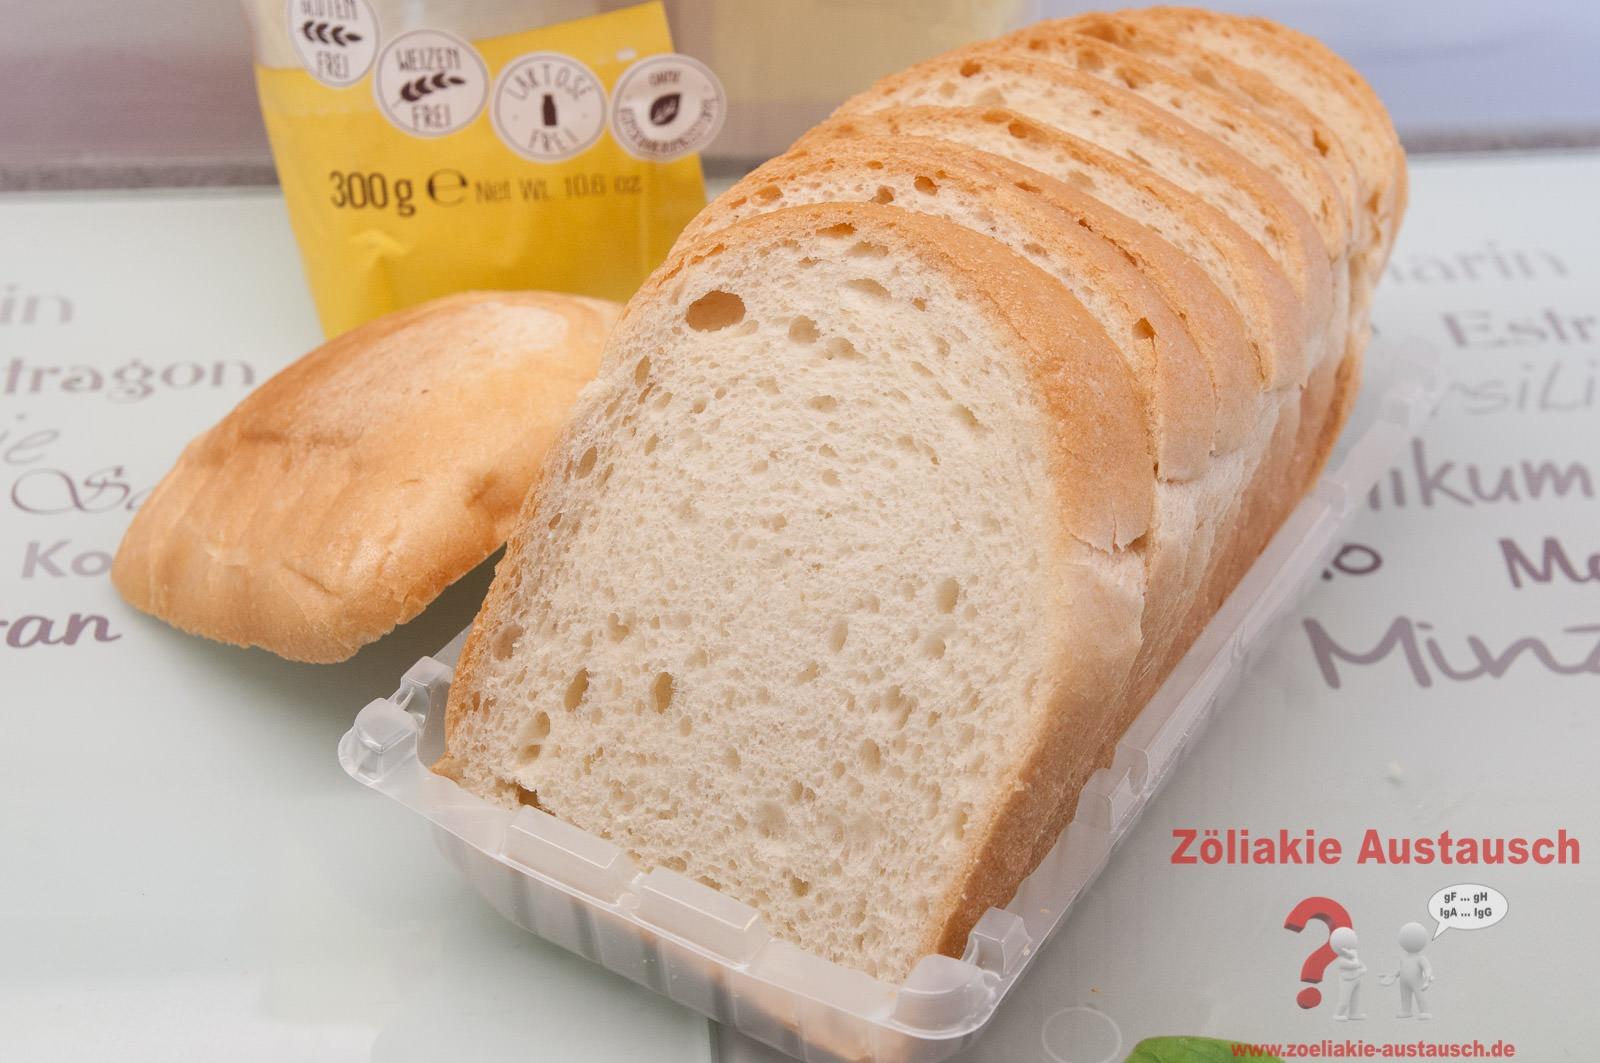 Zoeliakie_Austausch_Schaer_20170211-024